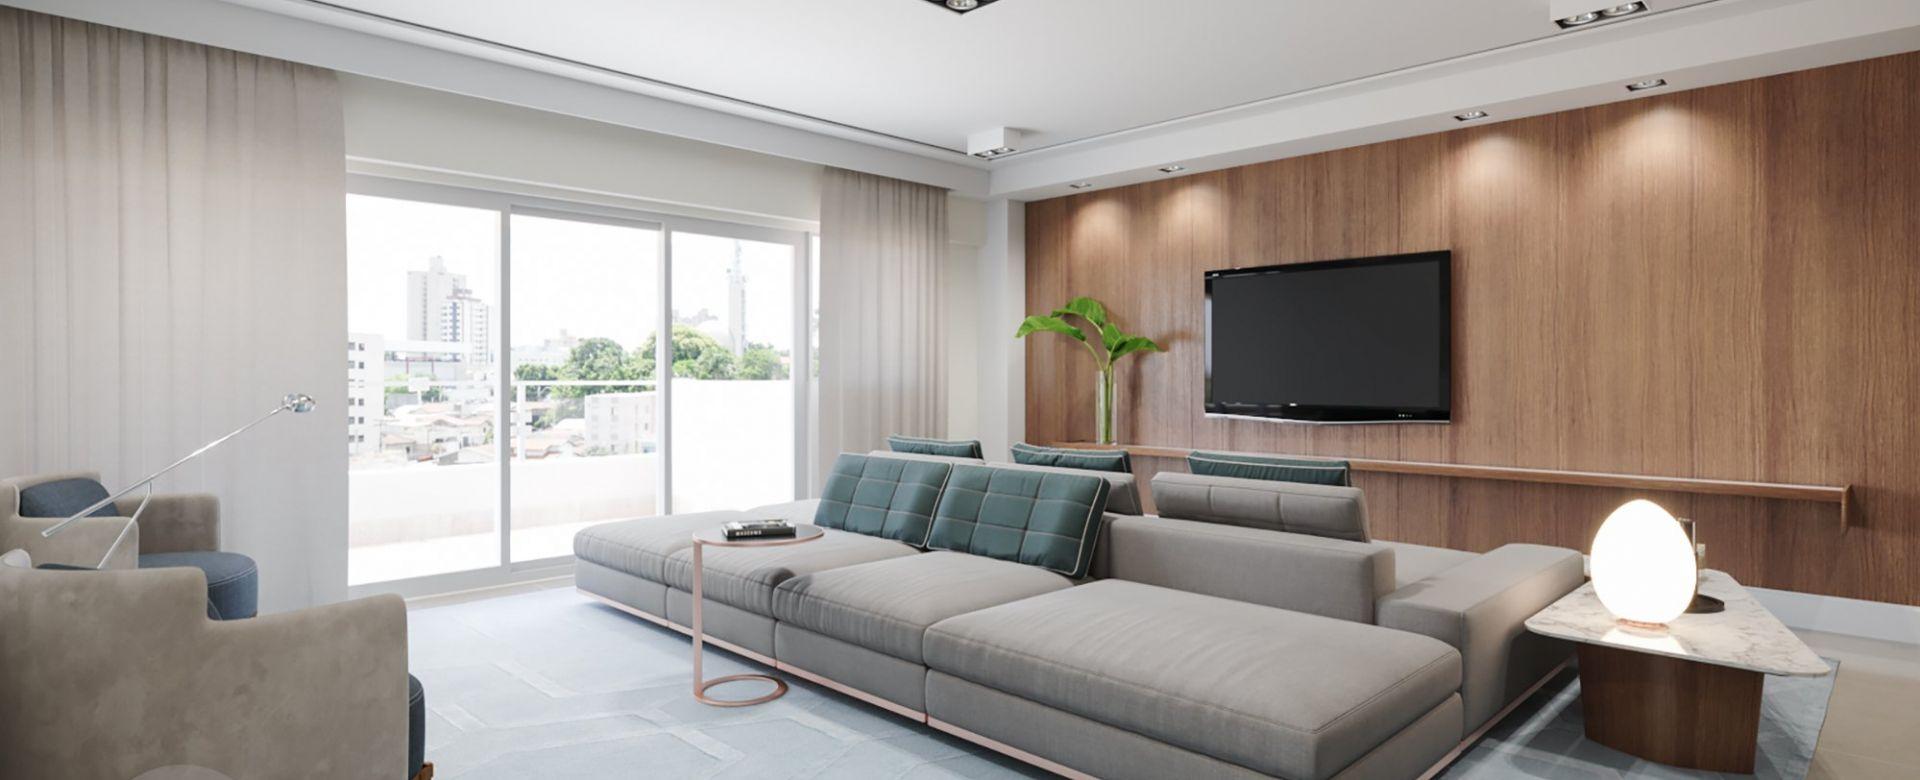 Imagem destaque do Edifício Leblon Apto 301